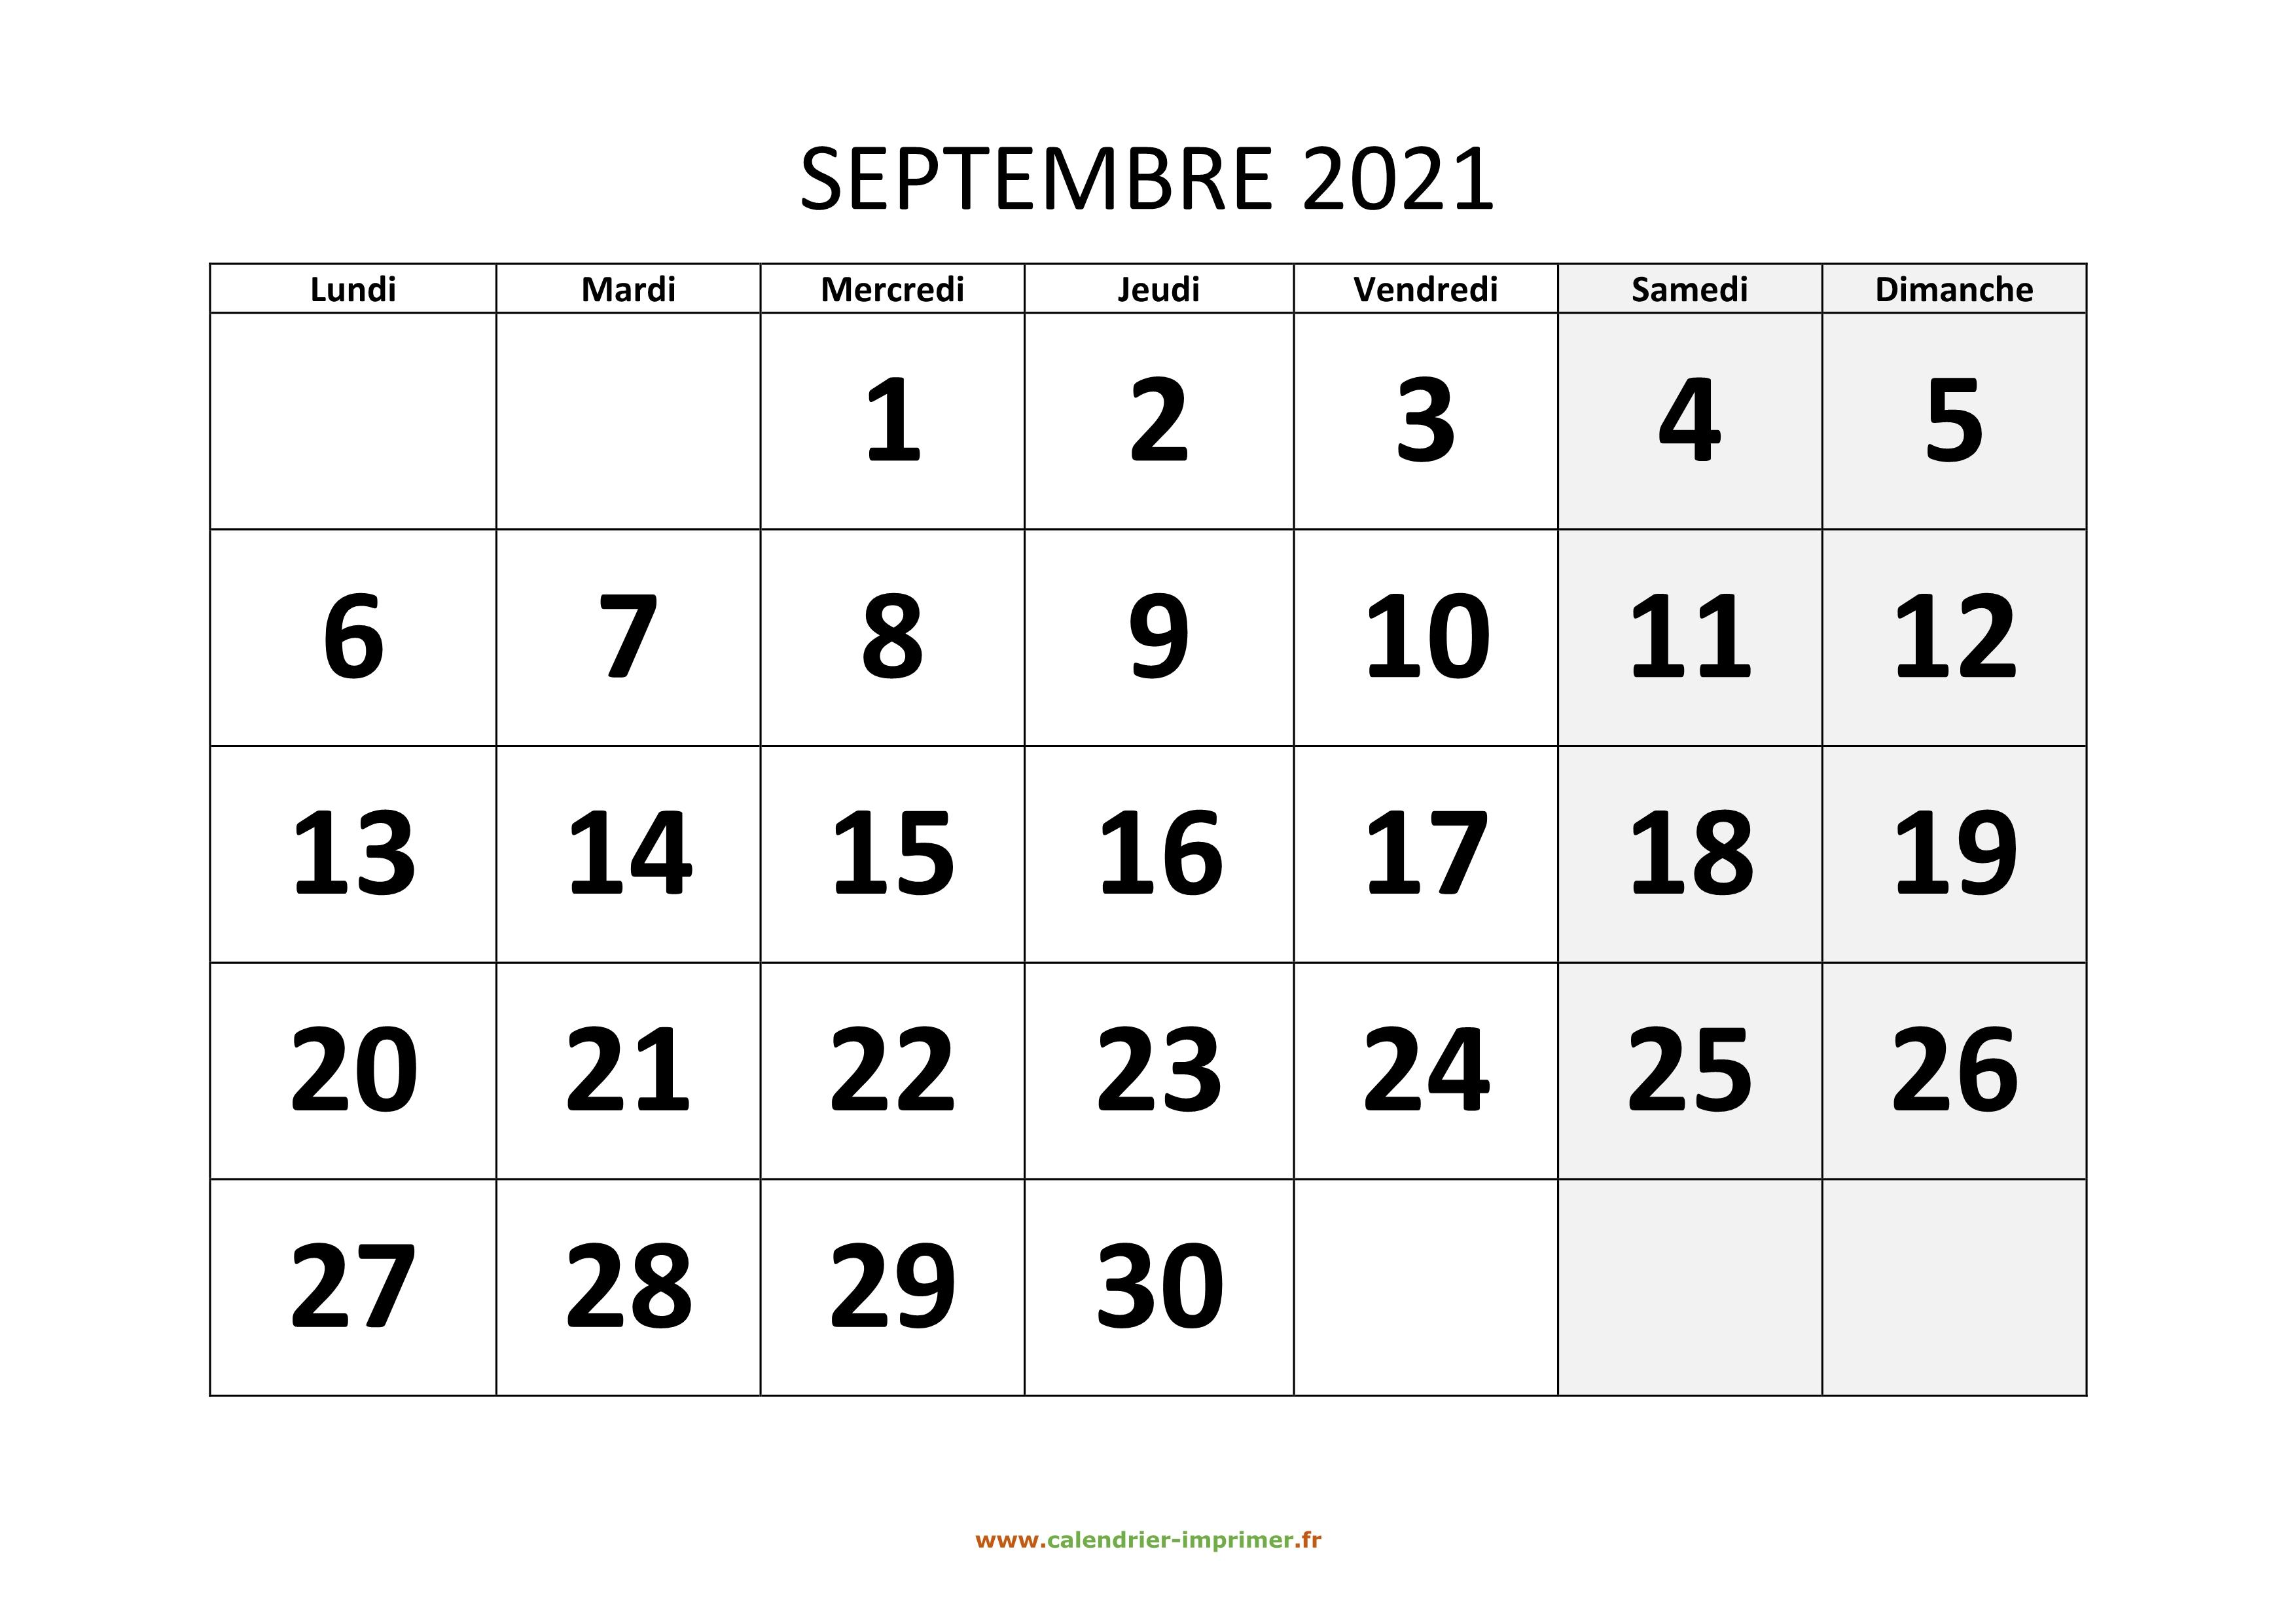 Calendrier Septembre 2021 Septembre 2021 Calendrier Septembre 2021 à imprimer